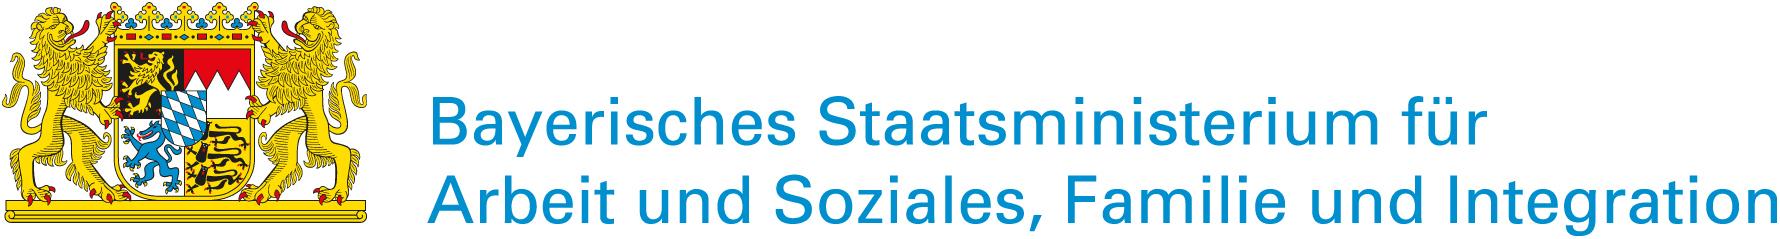 StMAS-WBM-2013_2zli_cmyk.eps